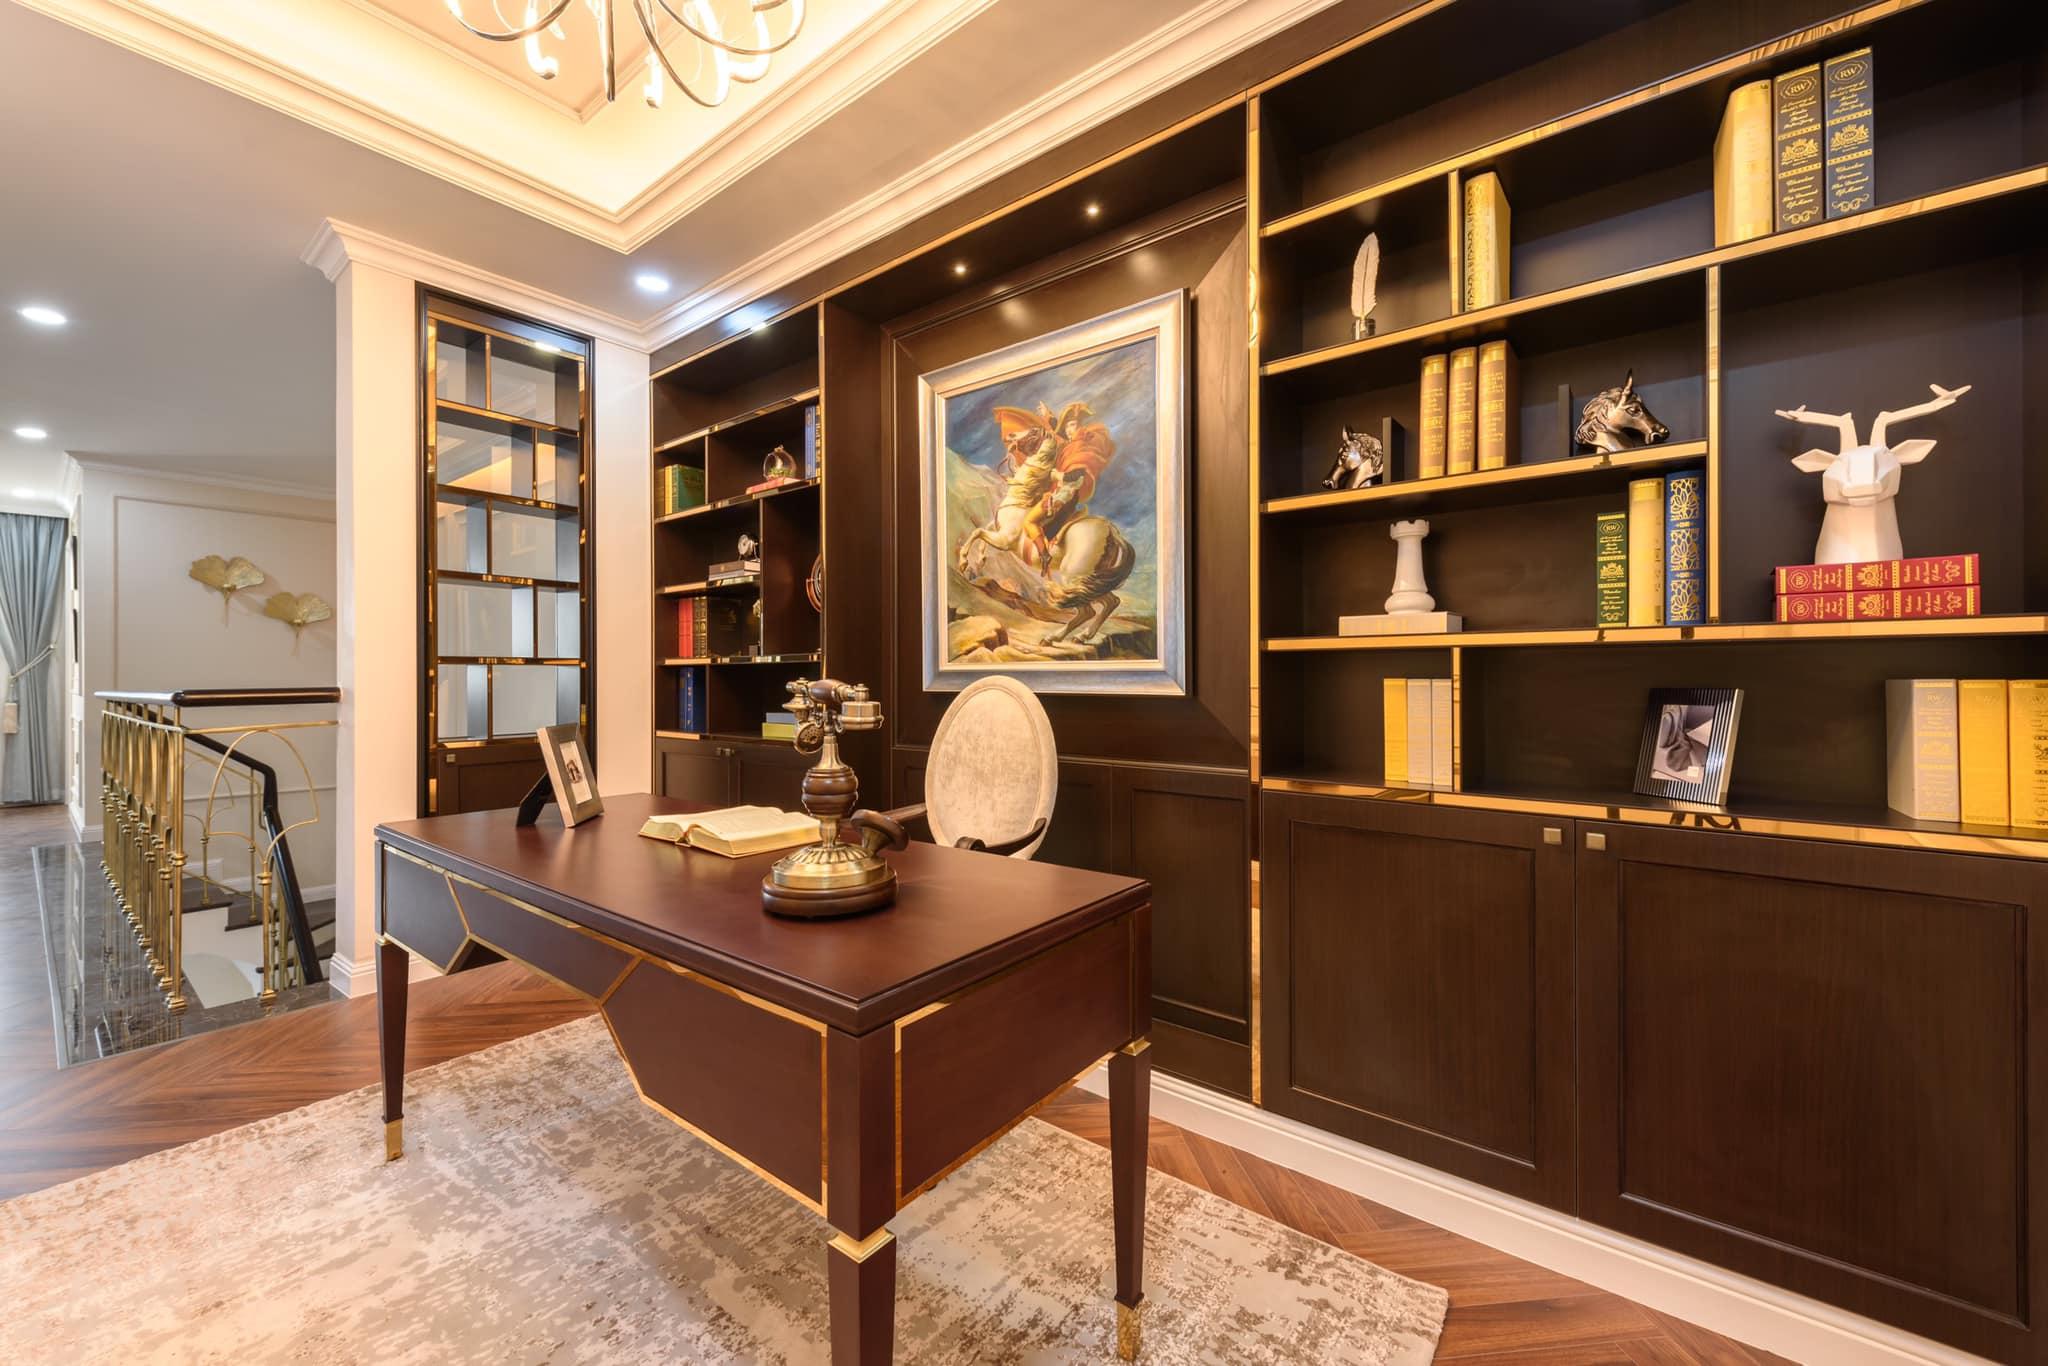 Phòng làm việc làm nổi bậc lên phong thái của Gia chủ căn biệt thự - Khang Điền HCM